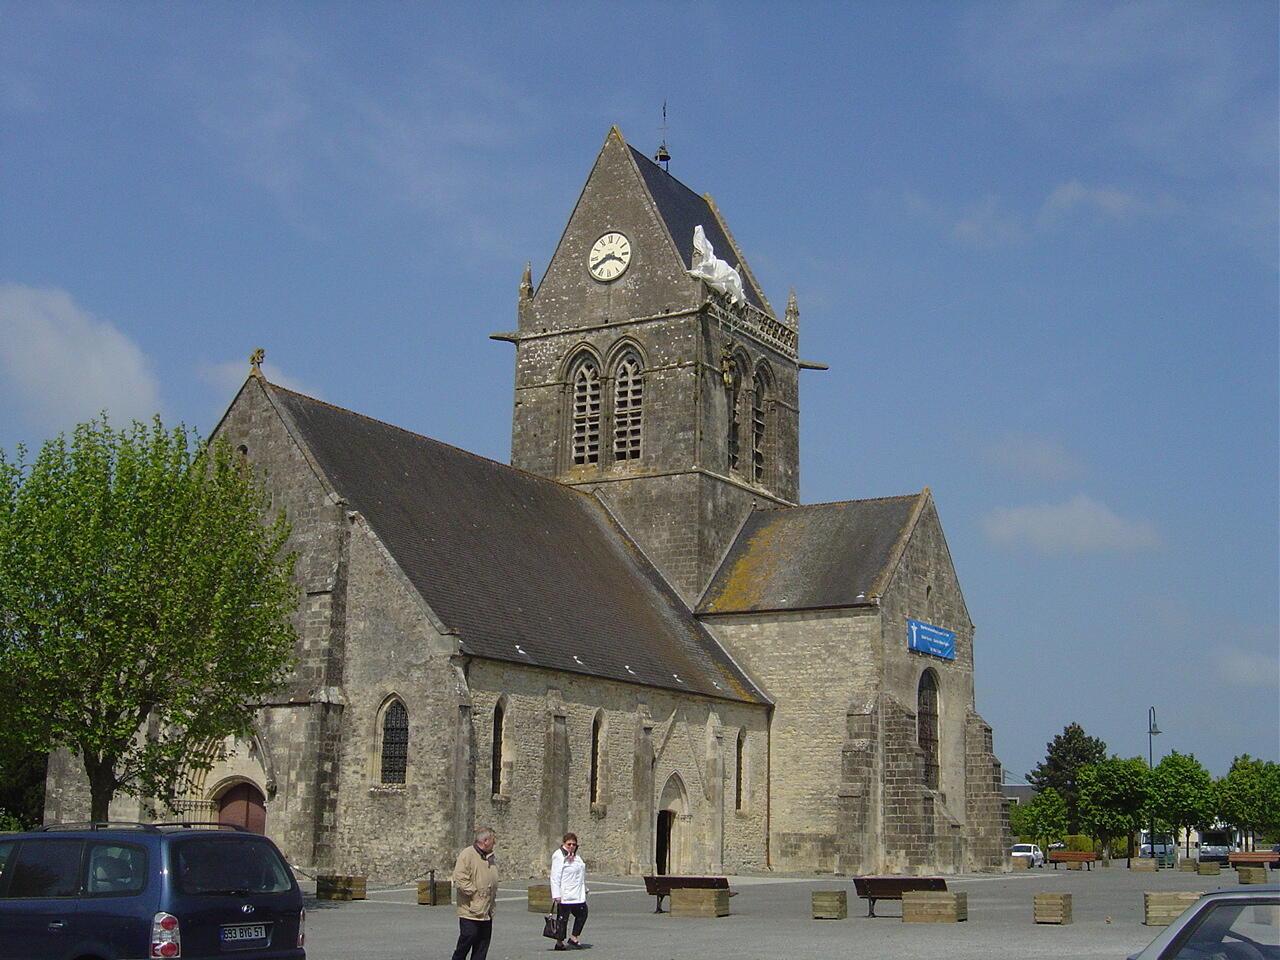 Церковь в Сент-Мер-Эглиз с парашютом американского десантника в память о событиях ночи с 5 на 6 июня 1944 года